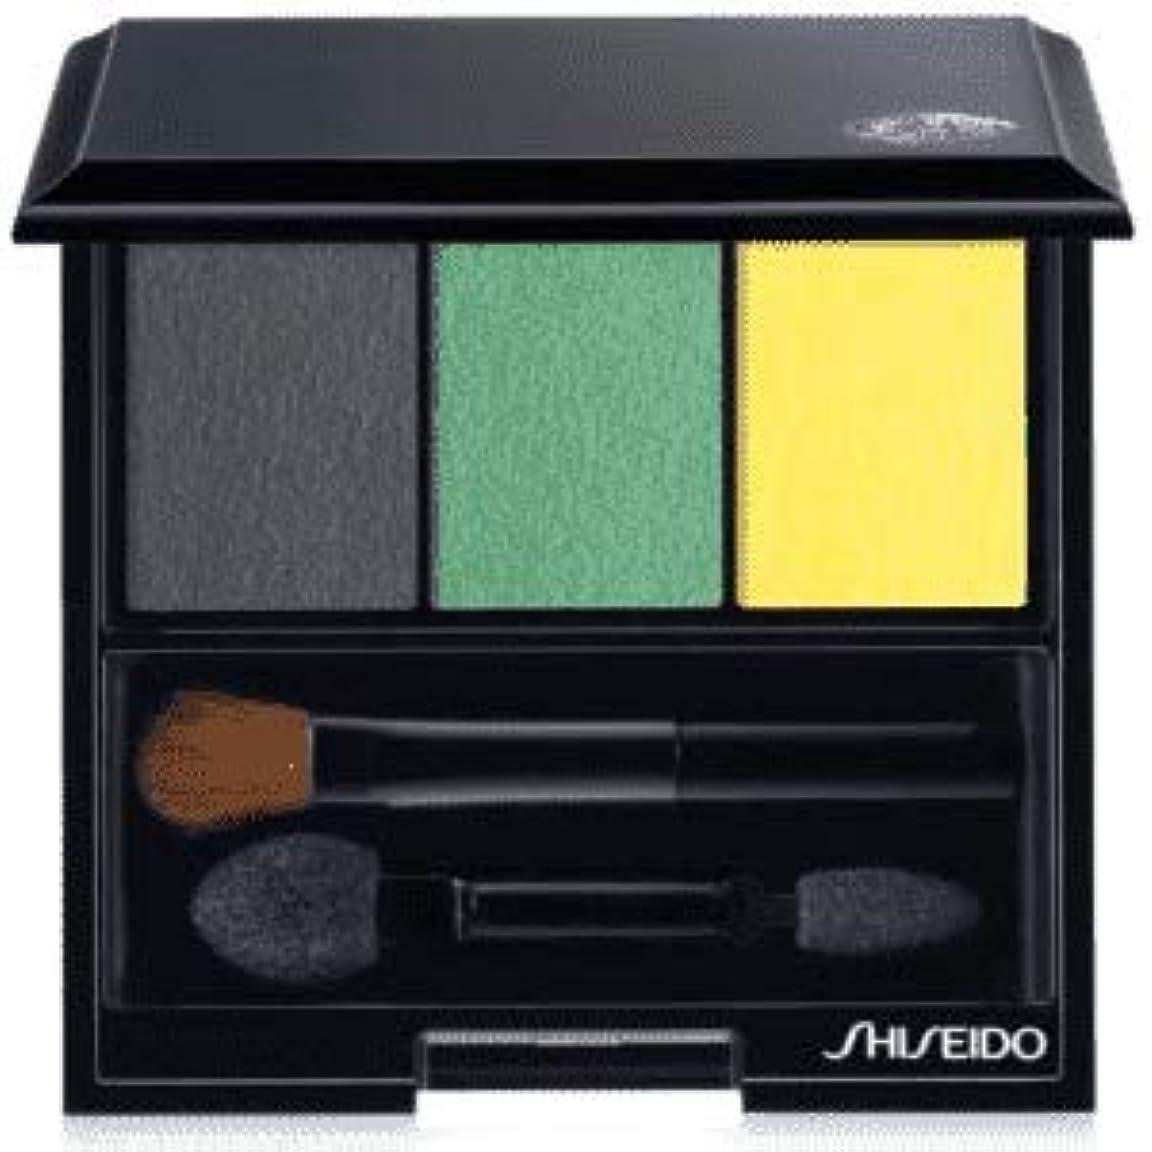 お祝い空港政治家資生堂 ルミナイジング サテン アイカラー トリオ GR716(Shiseido Luminizing Satin Eye Color Trio GR716) [並行輸入品]